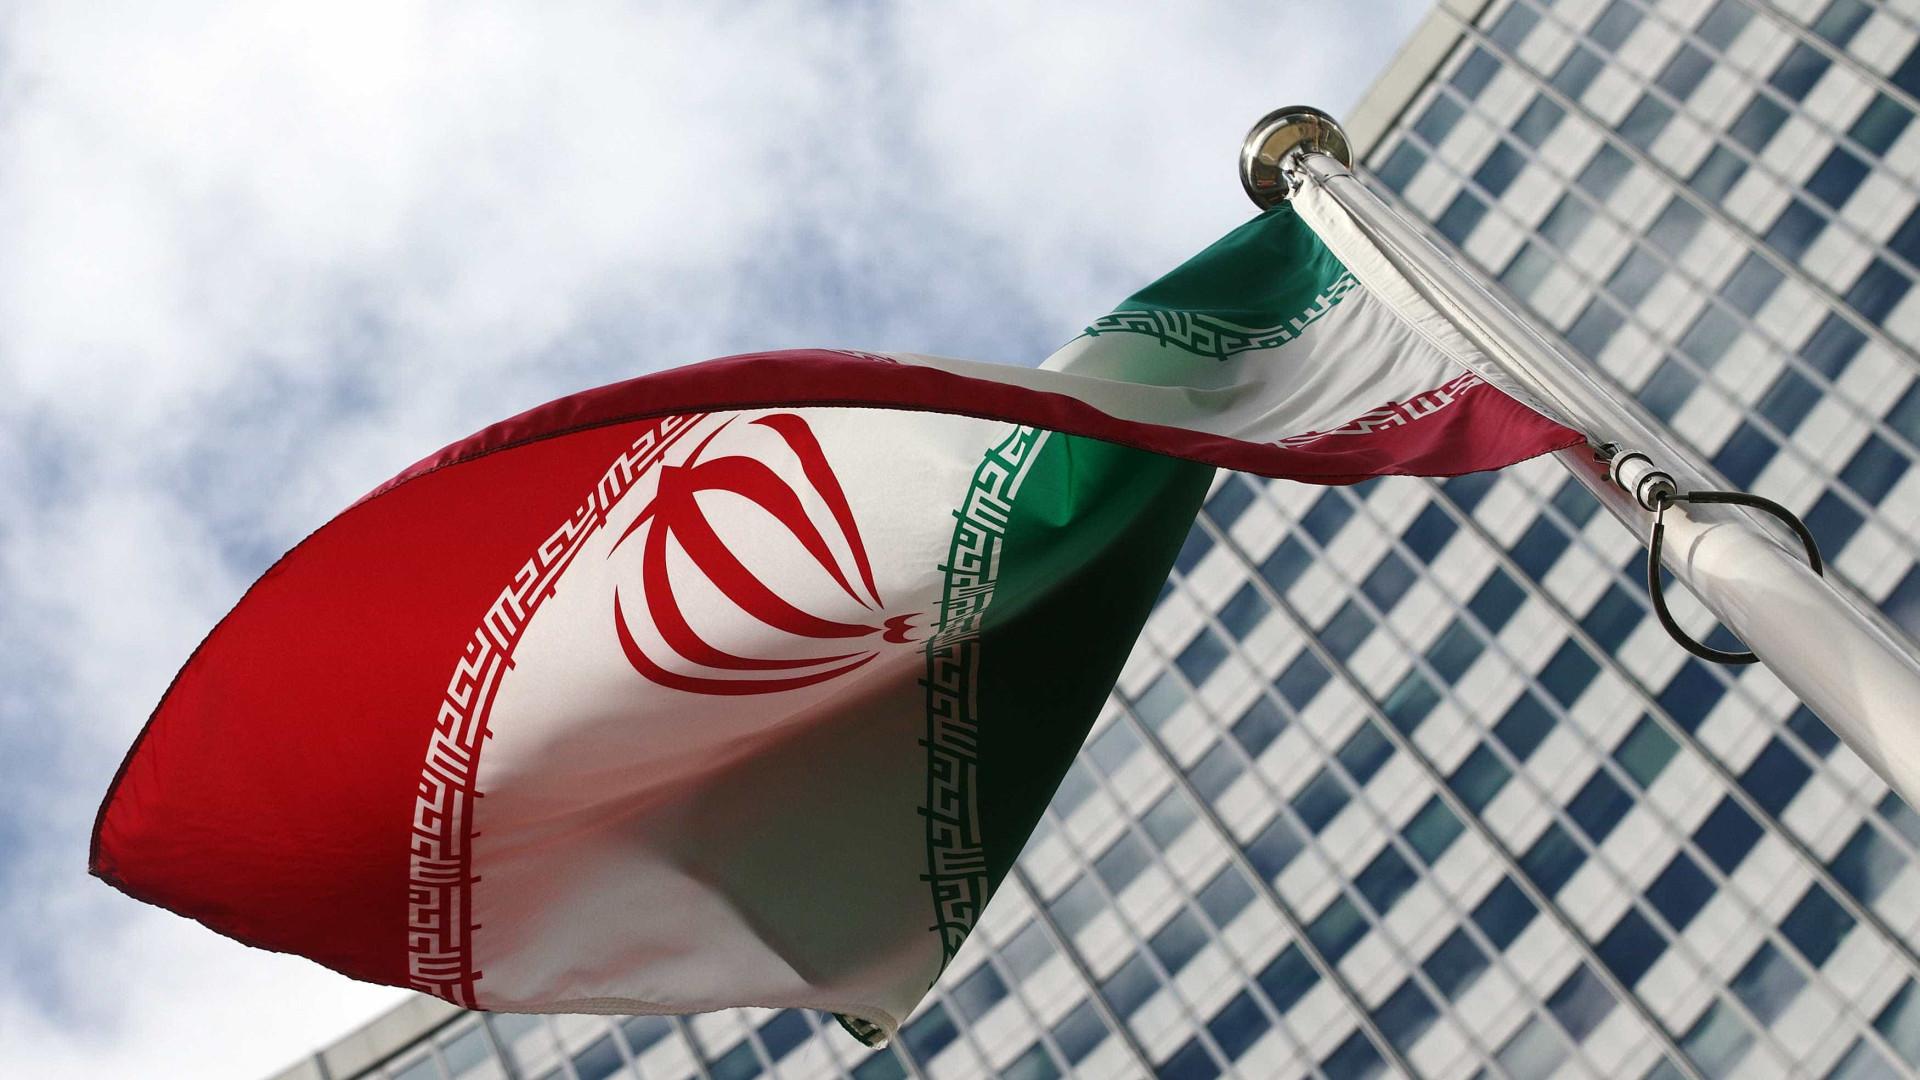 Portugal a caminho do Irão com um olho nas empresas e outro no petróleo